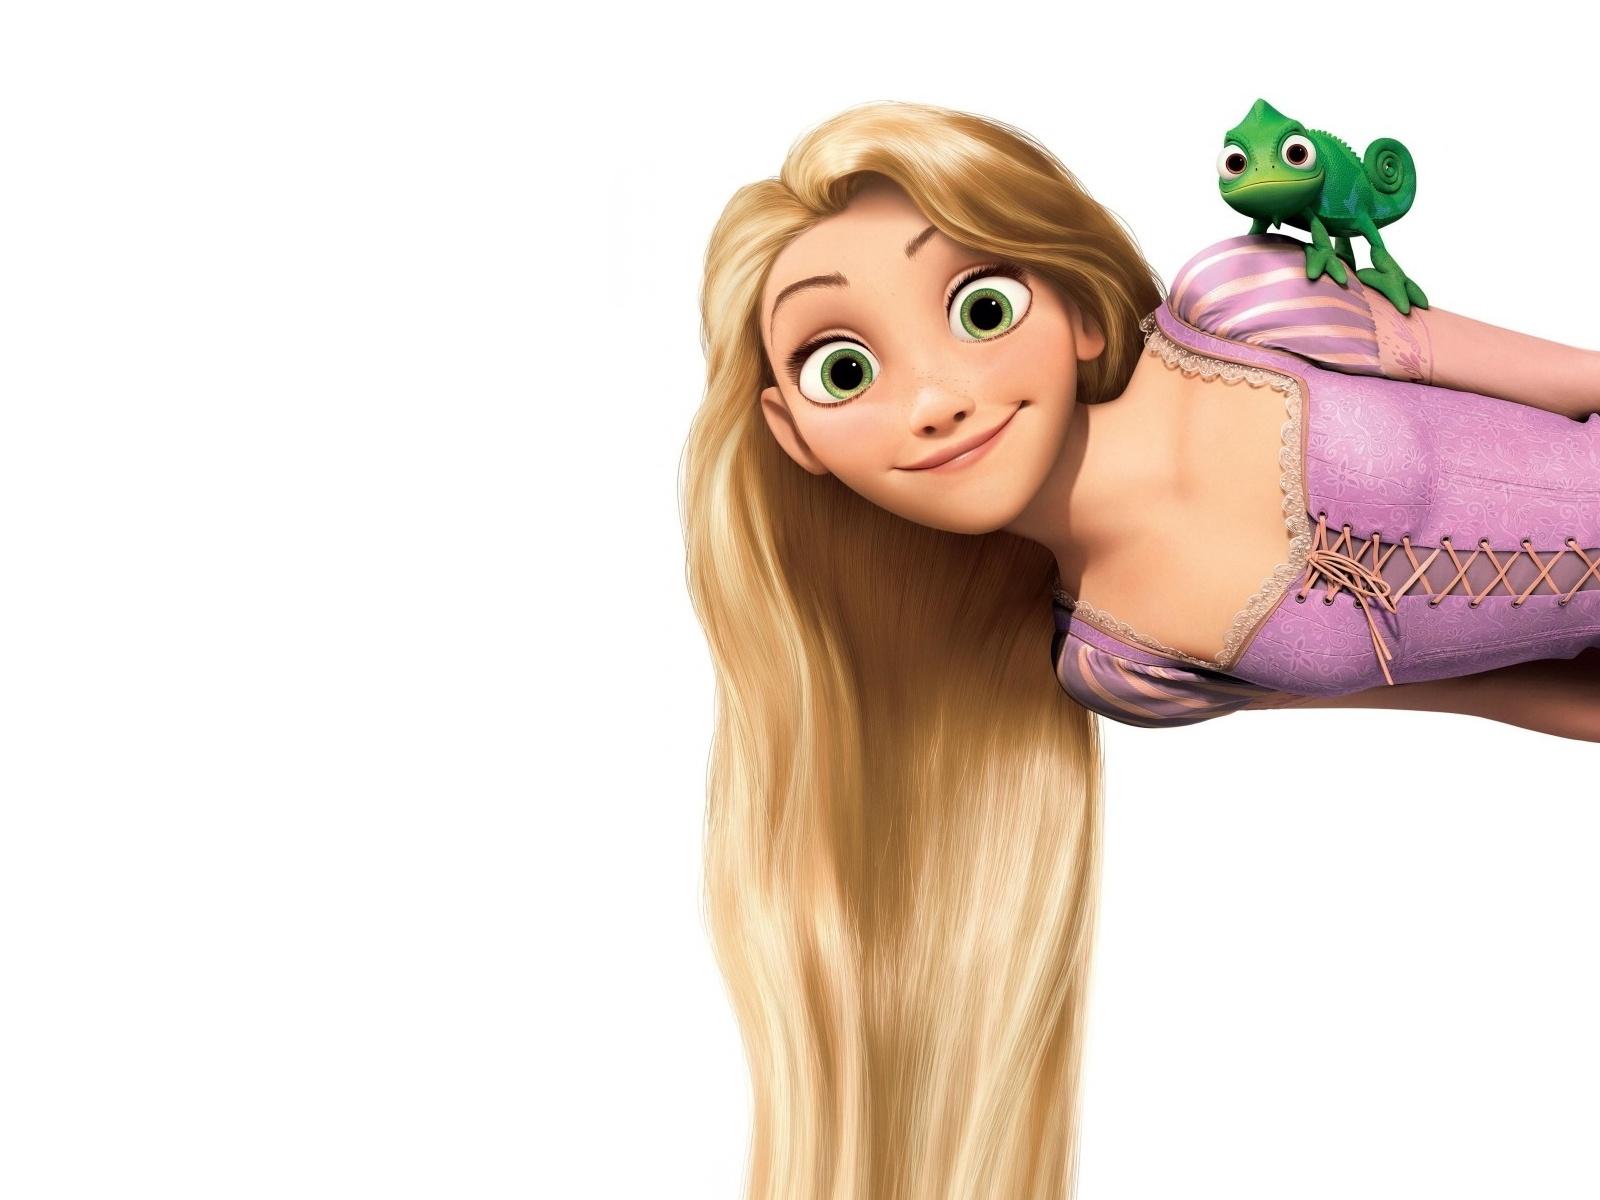 bild rapunzel pascal jpg disney wiki fandom powered by wikia